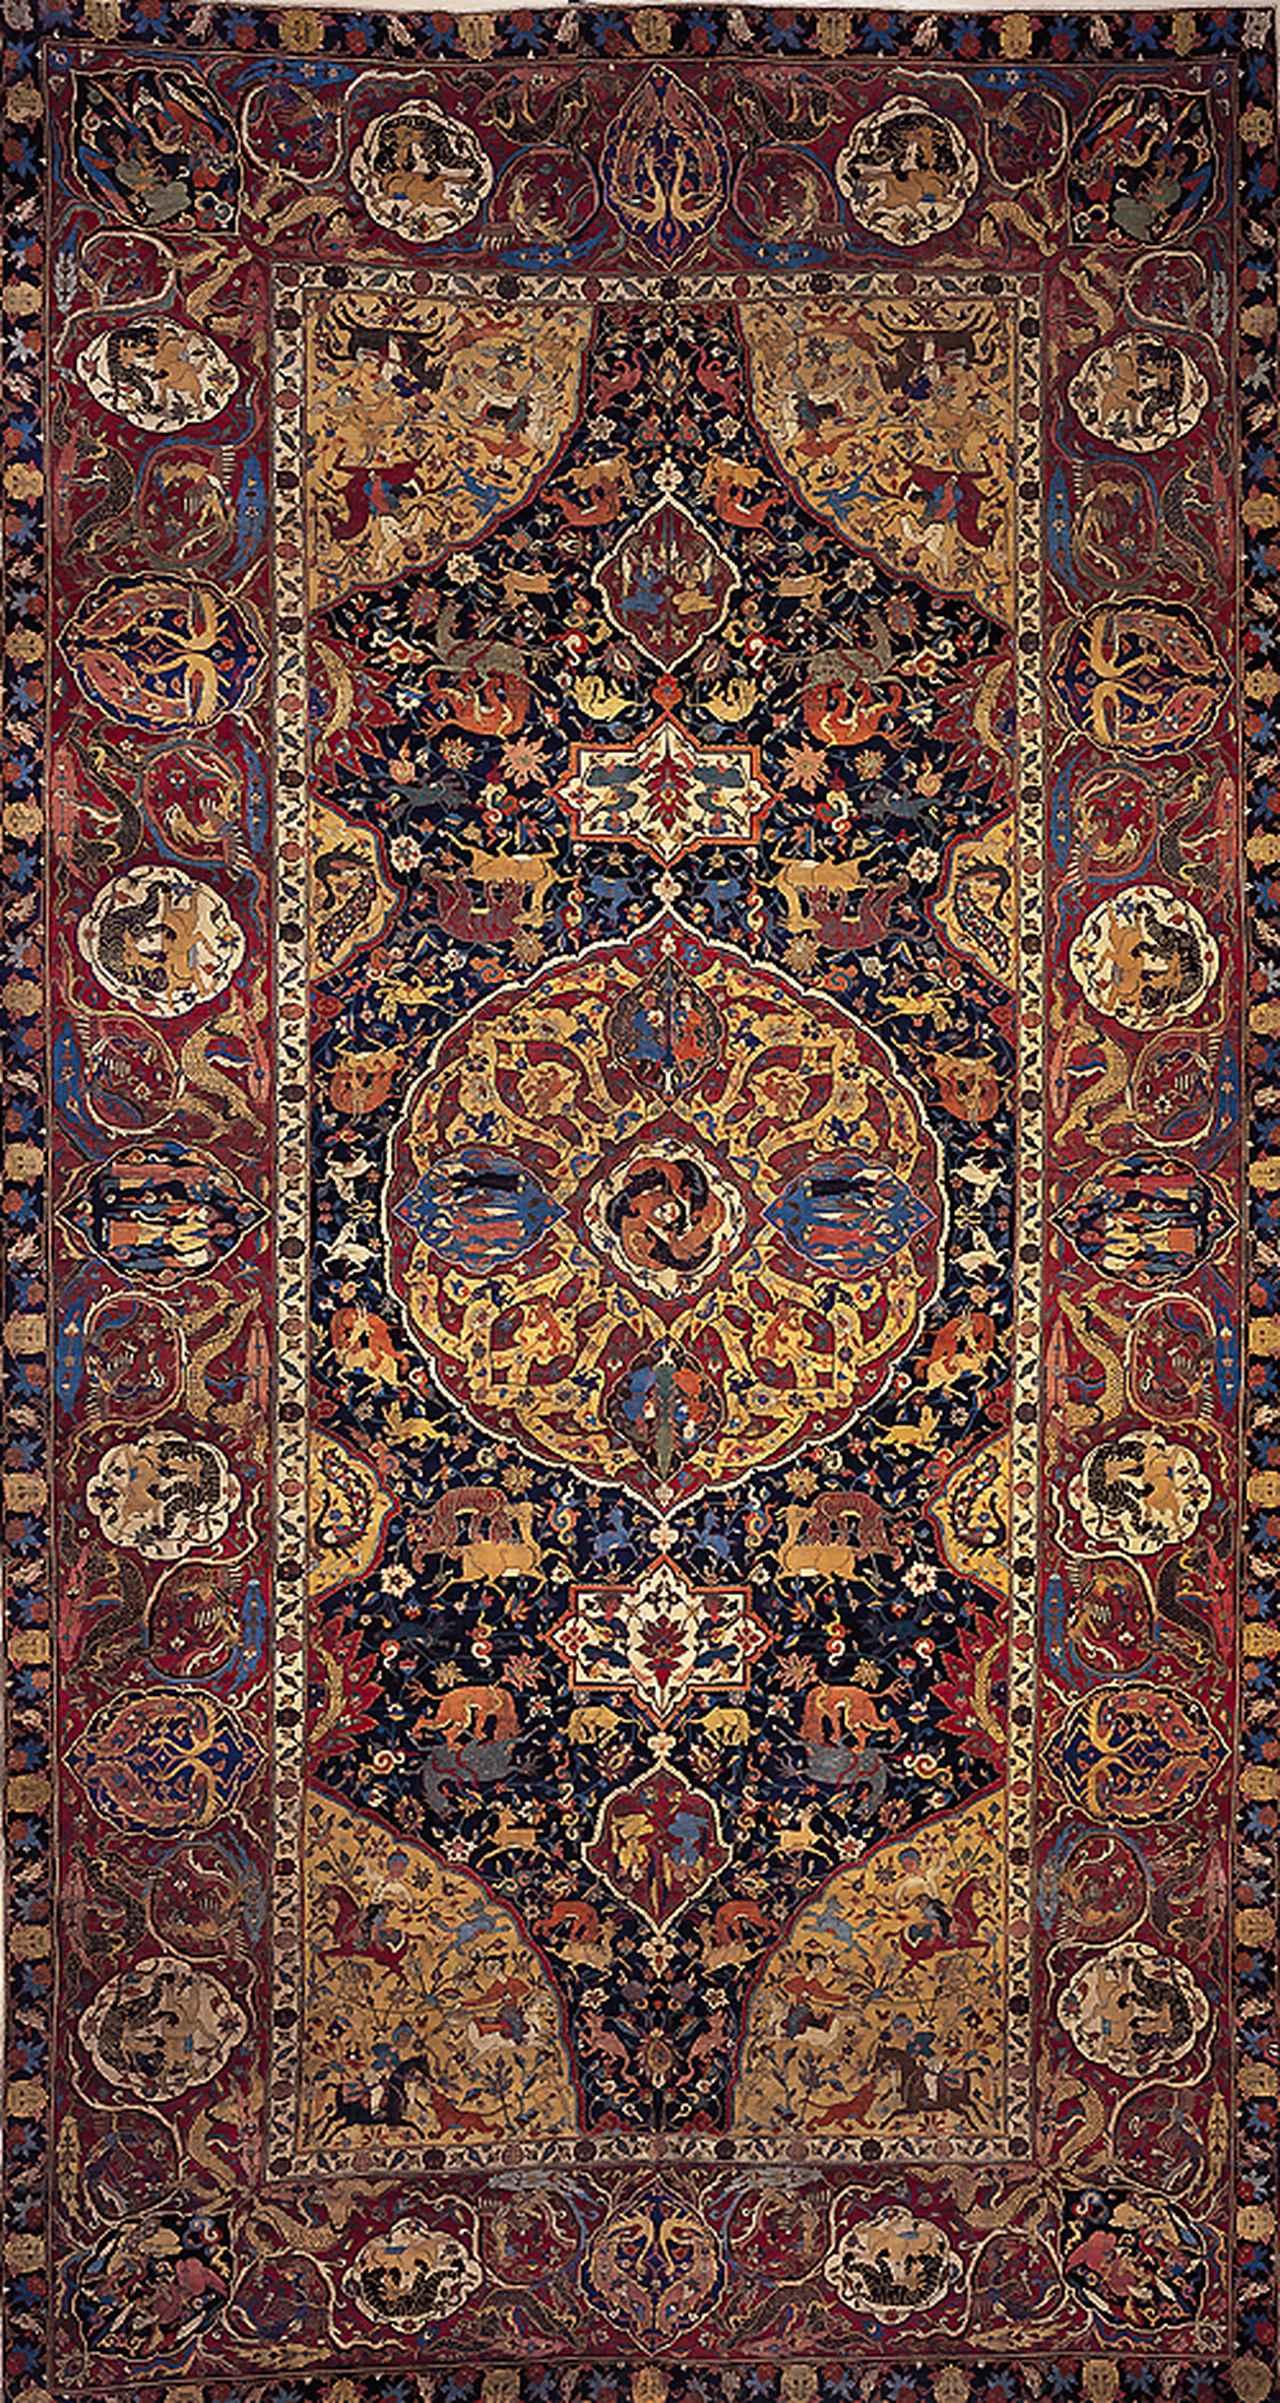 画像: 「メダイヨン・動物文絨毯(サングスコ・カーペット)」 (めだいよんどうぶつもんじゅうたん) イラン ケルマーン サファヴィー朝時代 16世紀末期-17世紀初期 羊毛、綿 縦594.3 横320.0cm